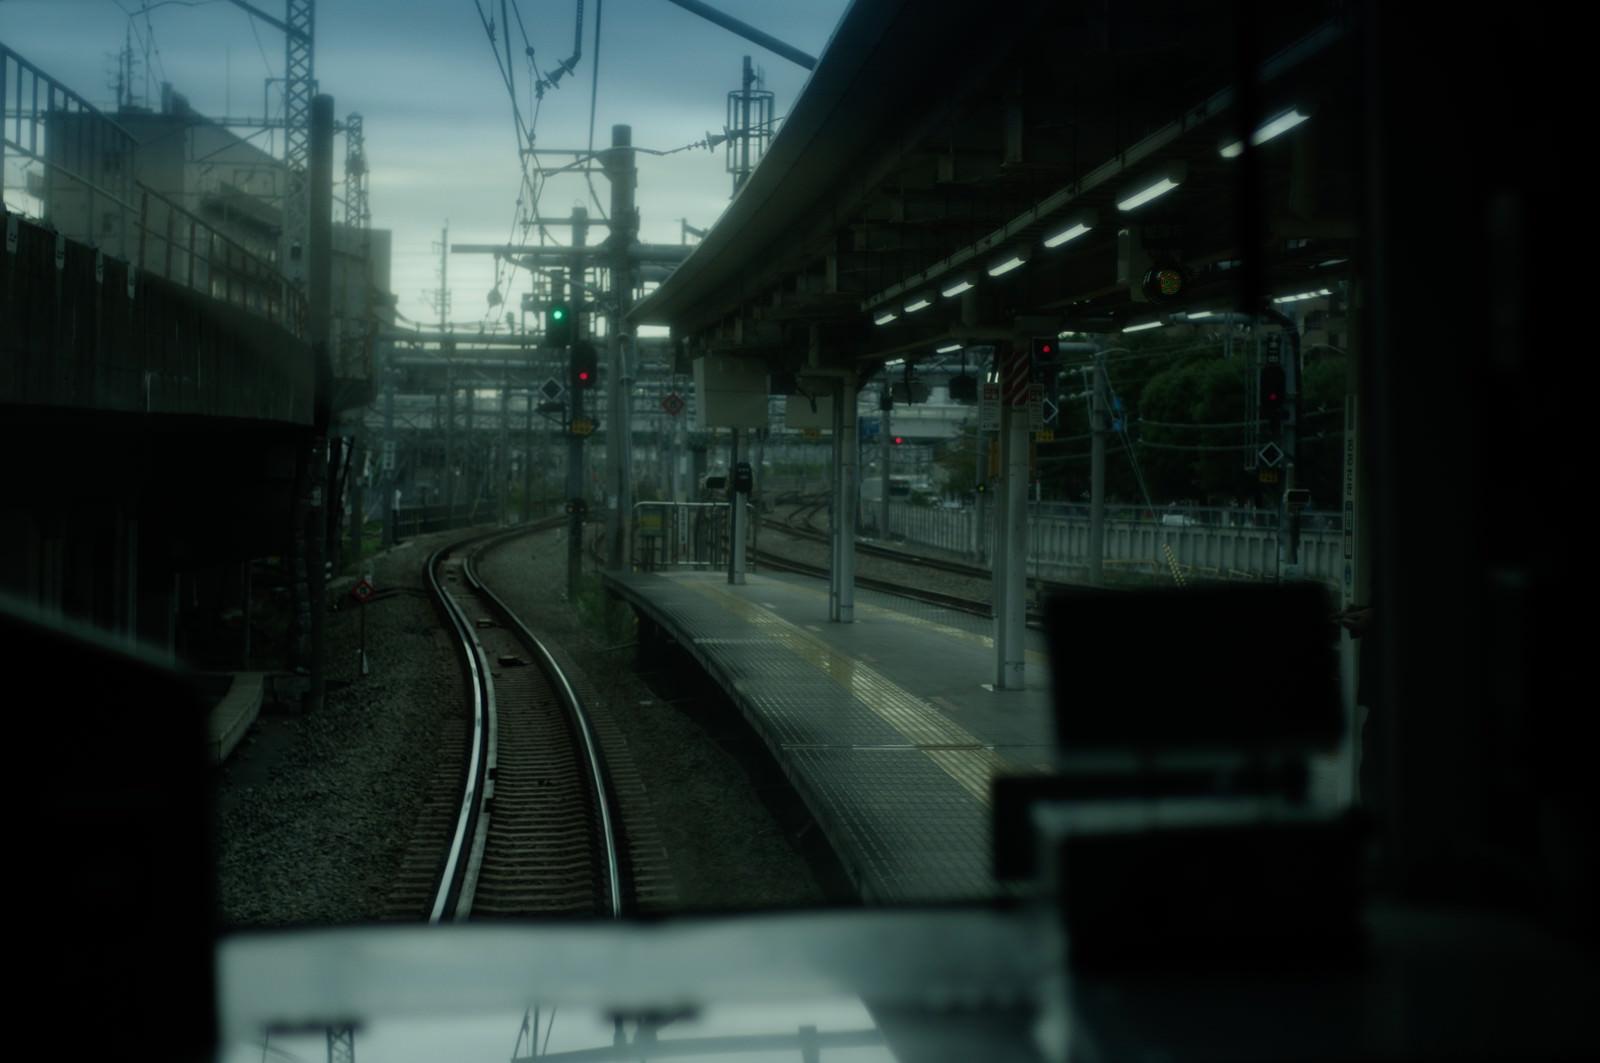 「車窓から見る駅のホーム」の写真